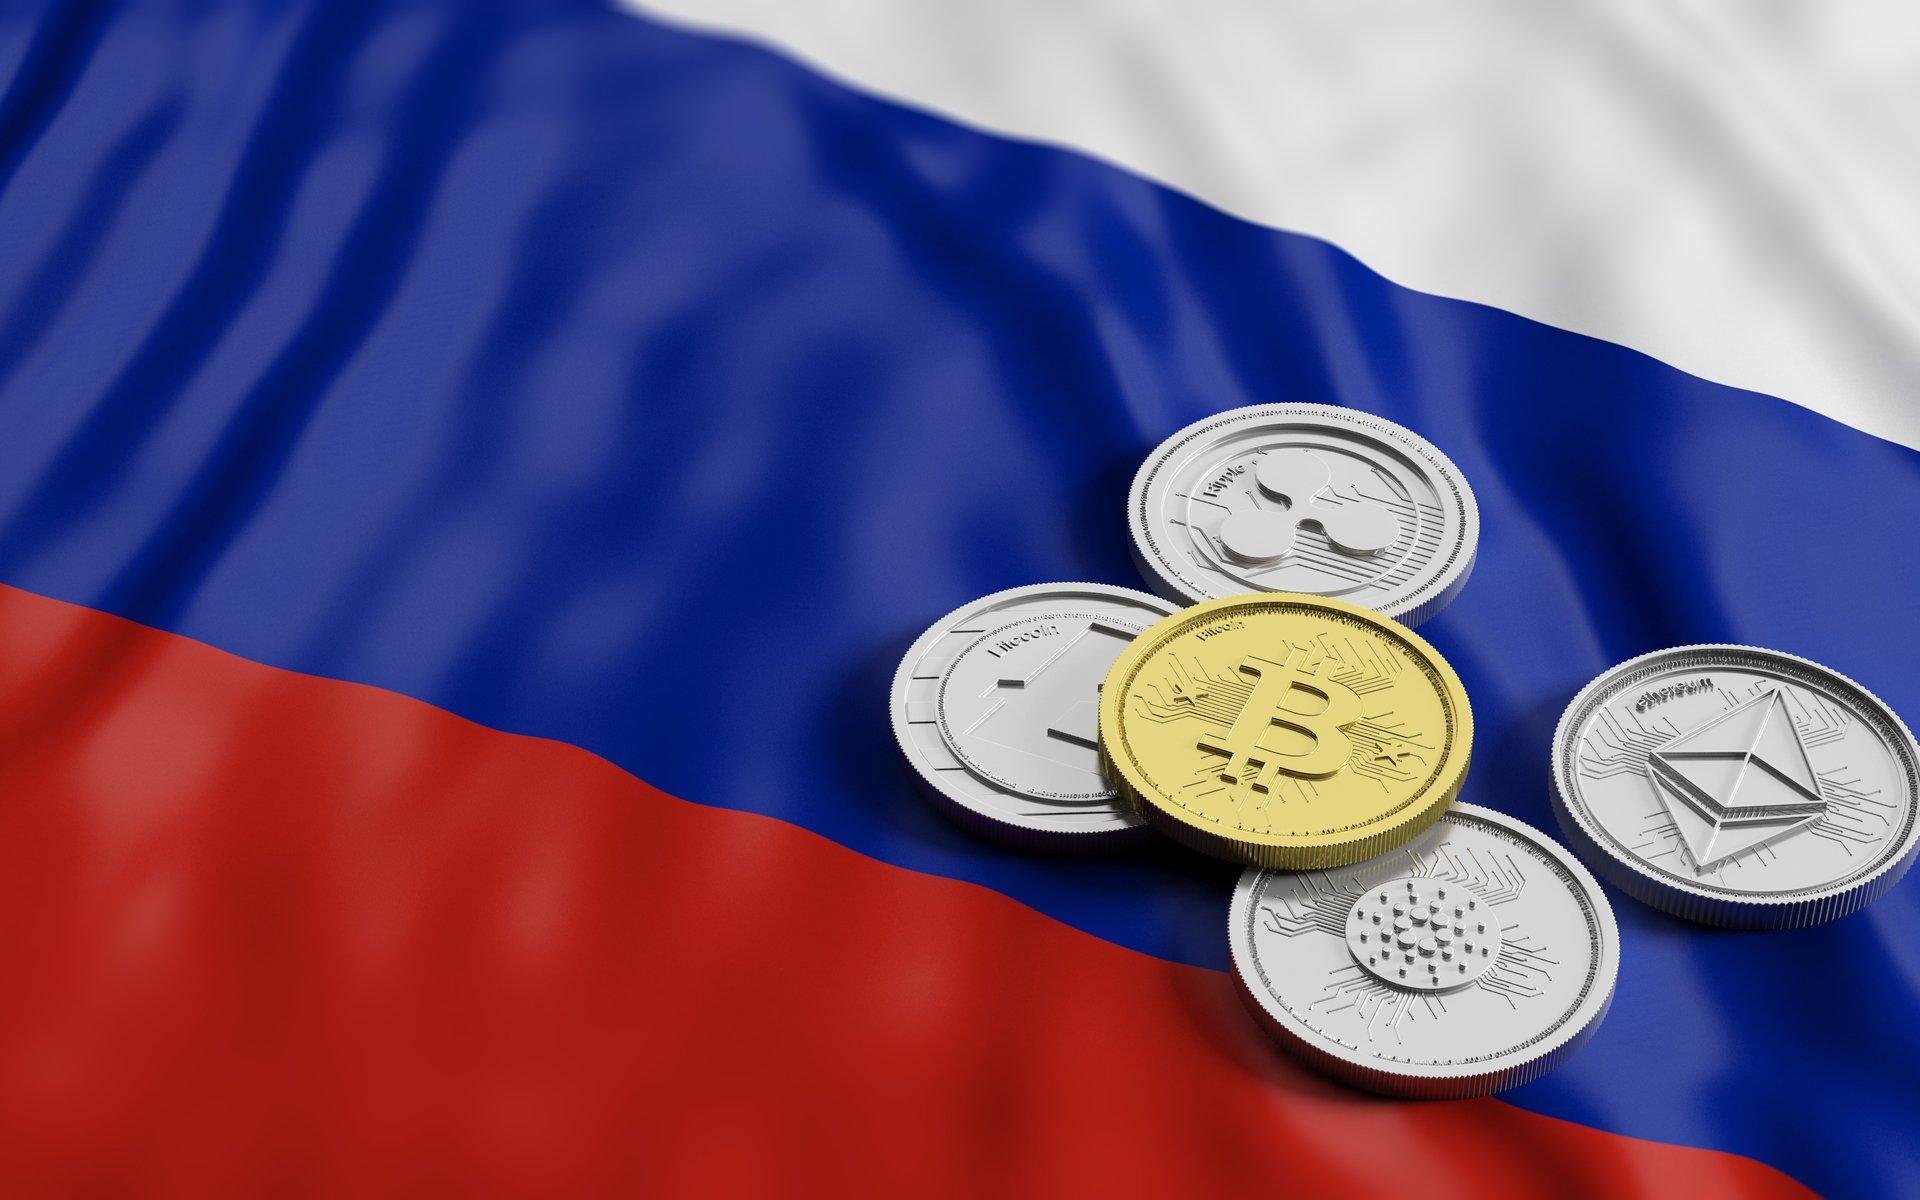 La Russia regolamentera le ICO ecco alcune linee guida importanti - La Russia regolamenterà le ICO: ecco alcune linee guida importanti